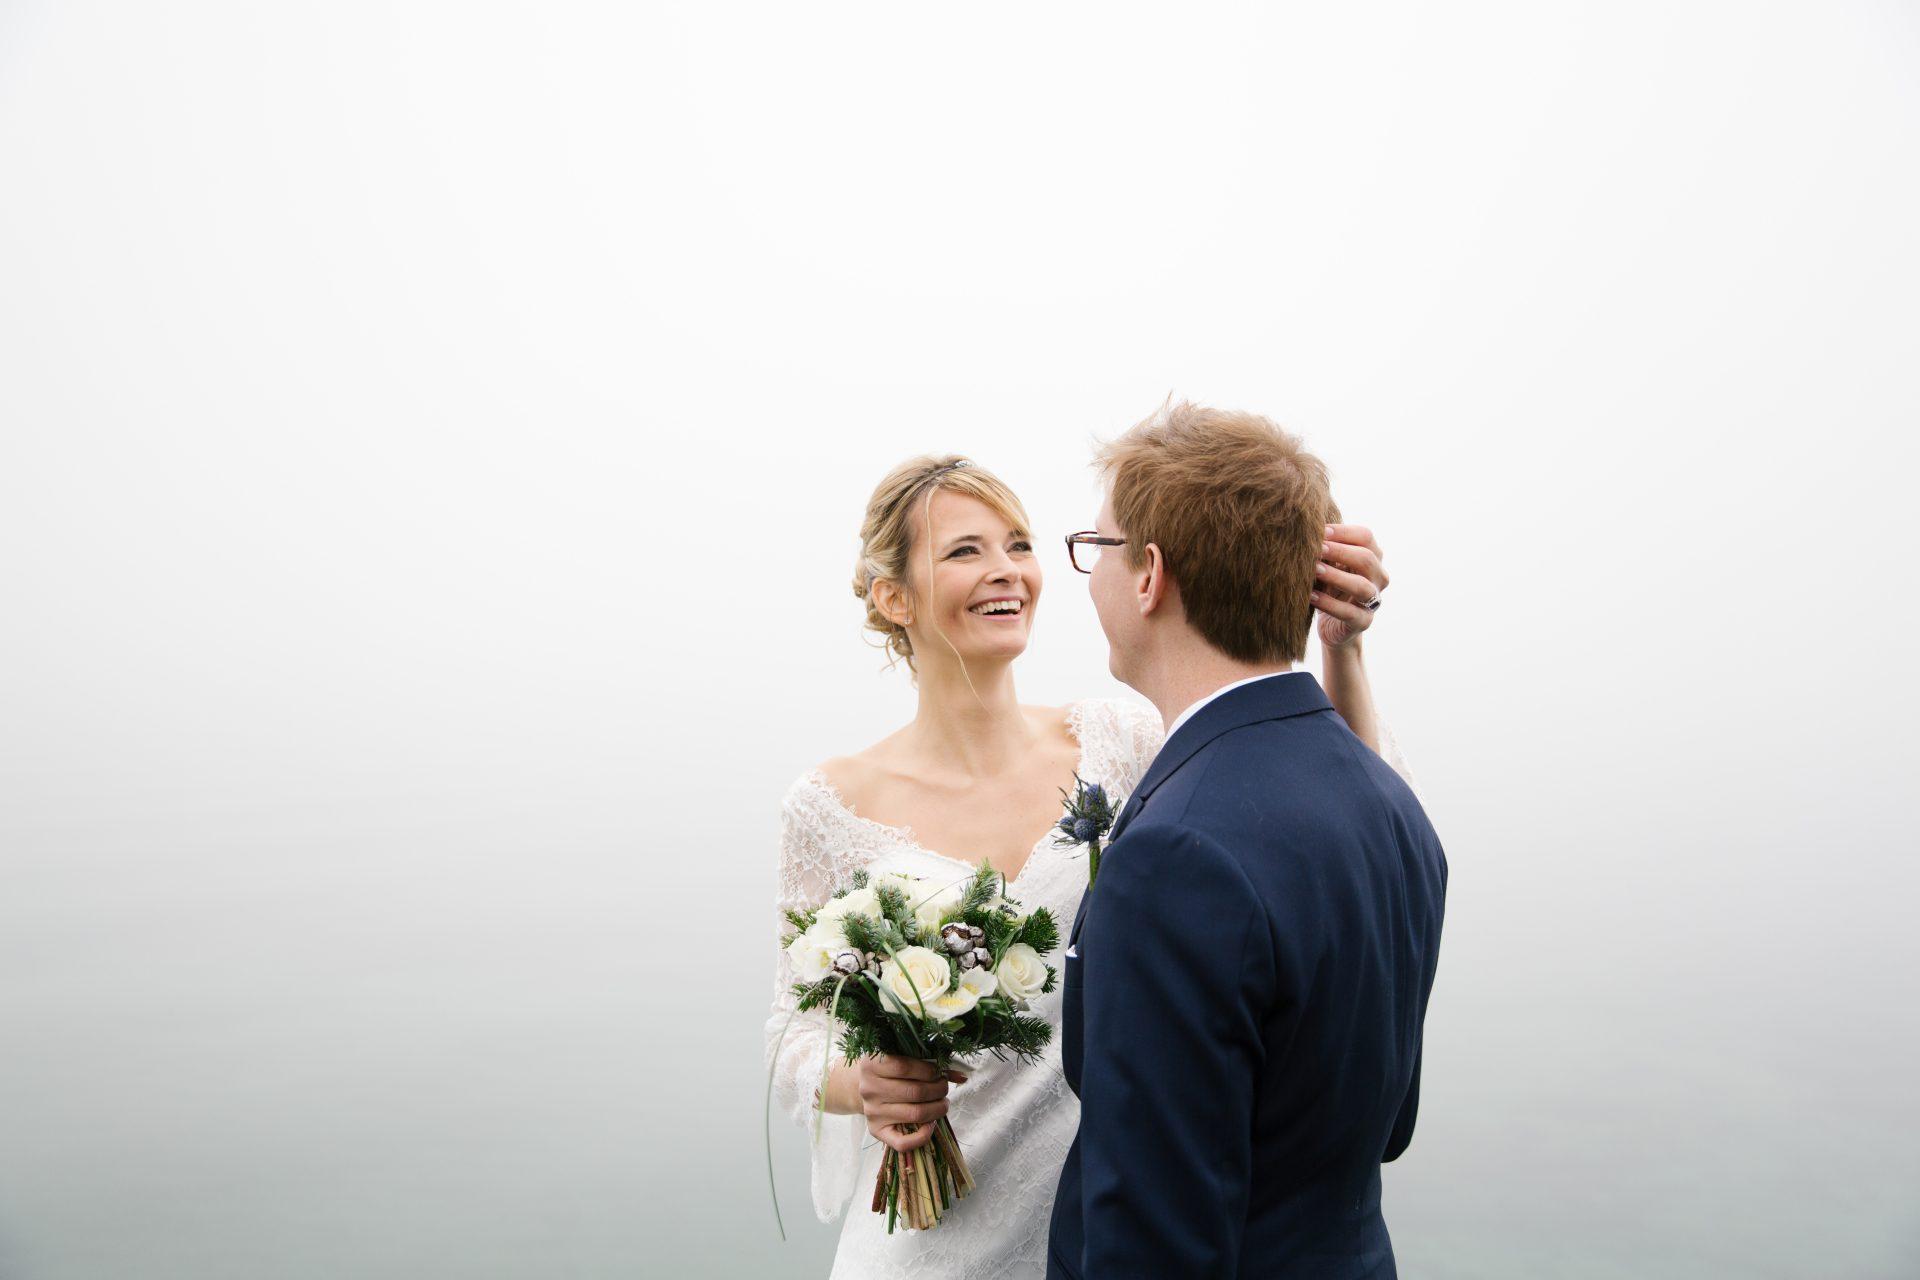 credit Maxime FAURY.jpg copie 17 - Interview de Maxime Faury - Photographe de Mariage en Alsace - Wedding planner - Organisation de Mariage en France, au Luxembourg, en italie, en provence, à la montagne